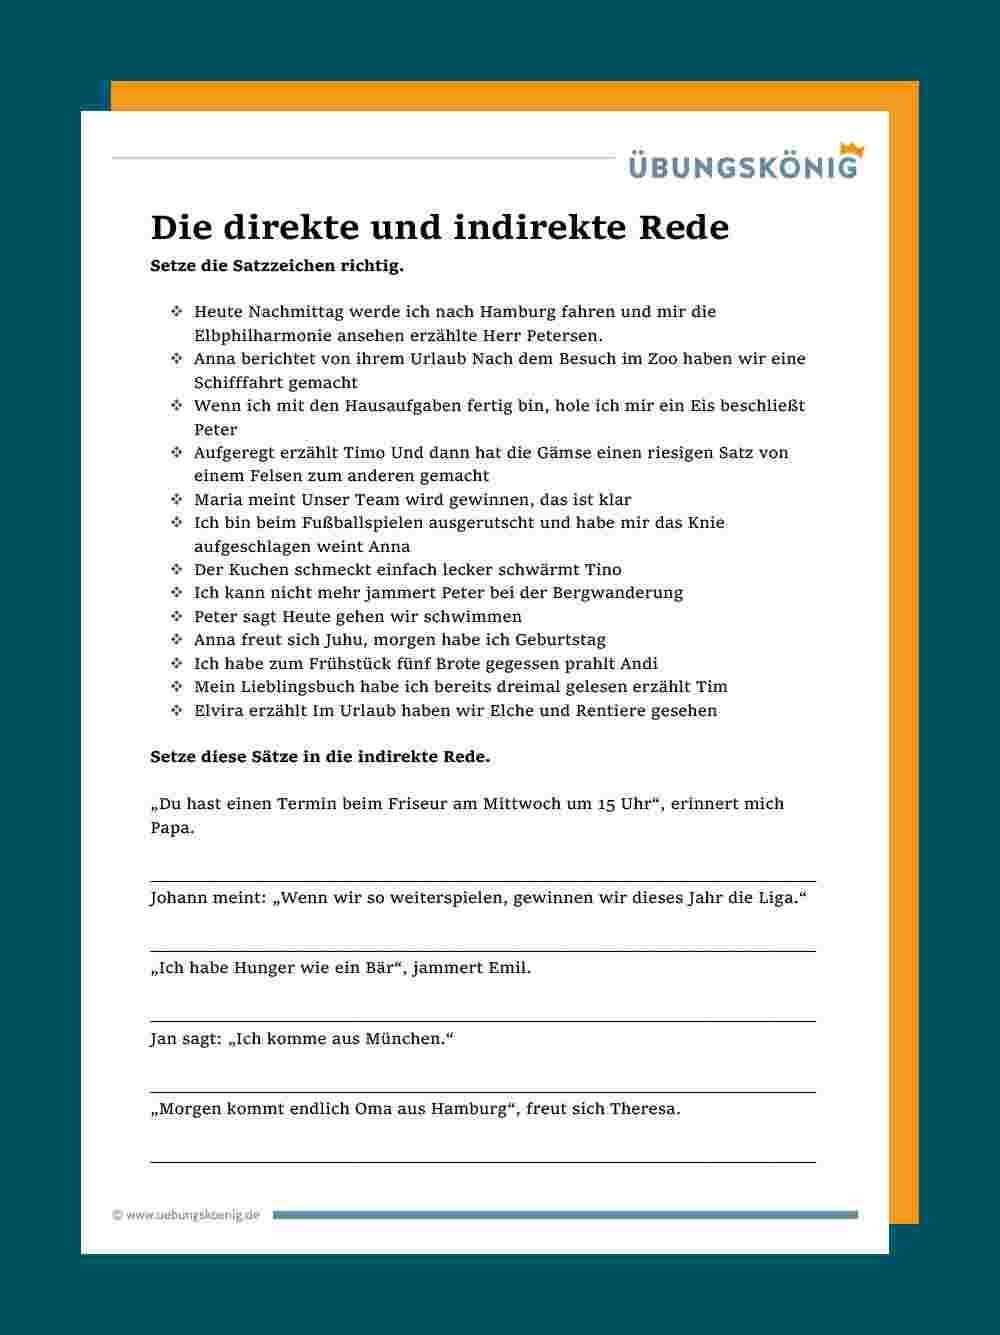 Direkte Und Indirekte Rede In 2020 Indirekte Rede Deutsch Unterricht Realschule